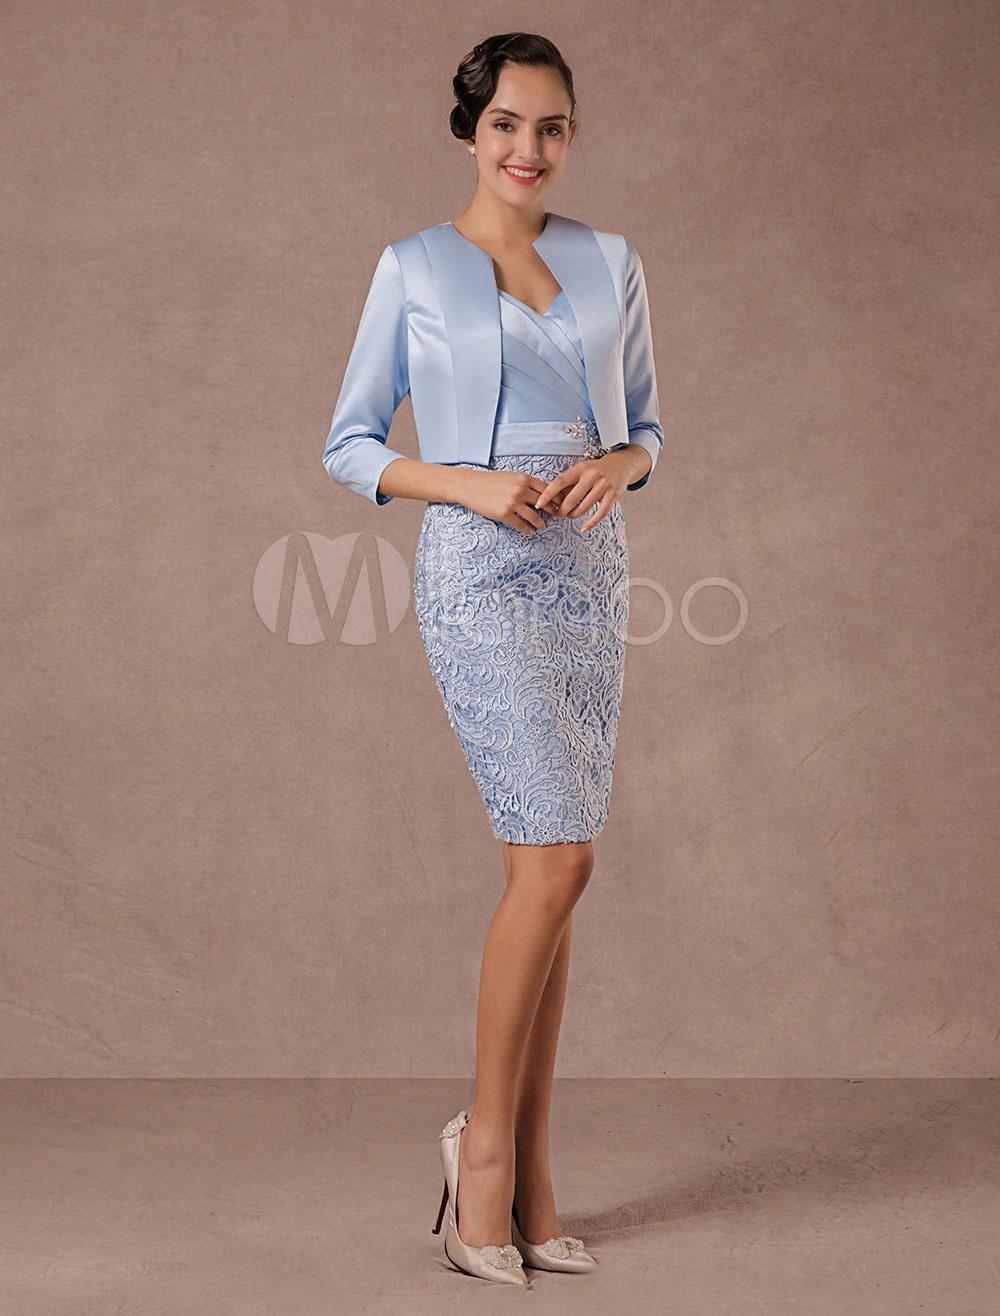 20 Top Schöne Abendkleider Für Hochzeit StylishDesigner Cool Schöne Abendkleider Für Hochzeit Spezialgebiet